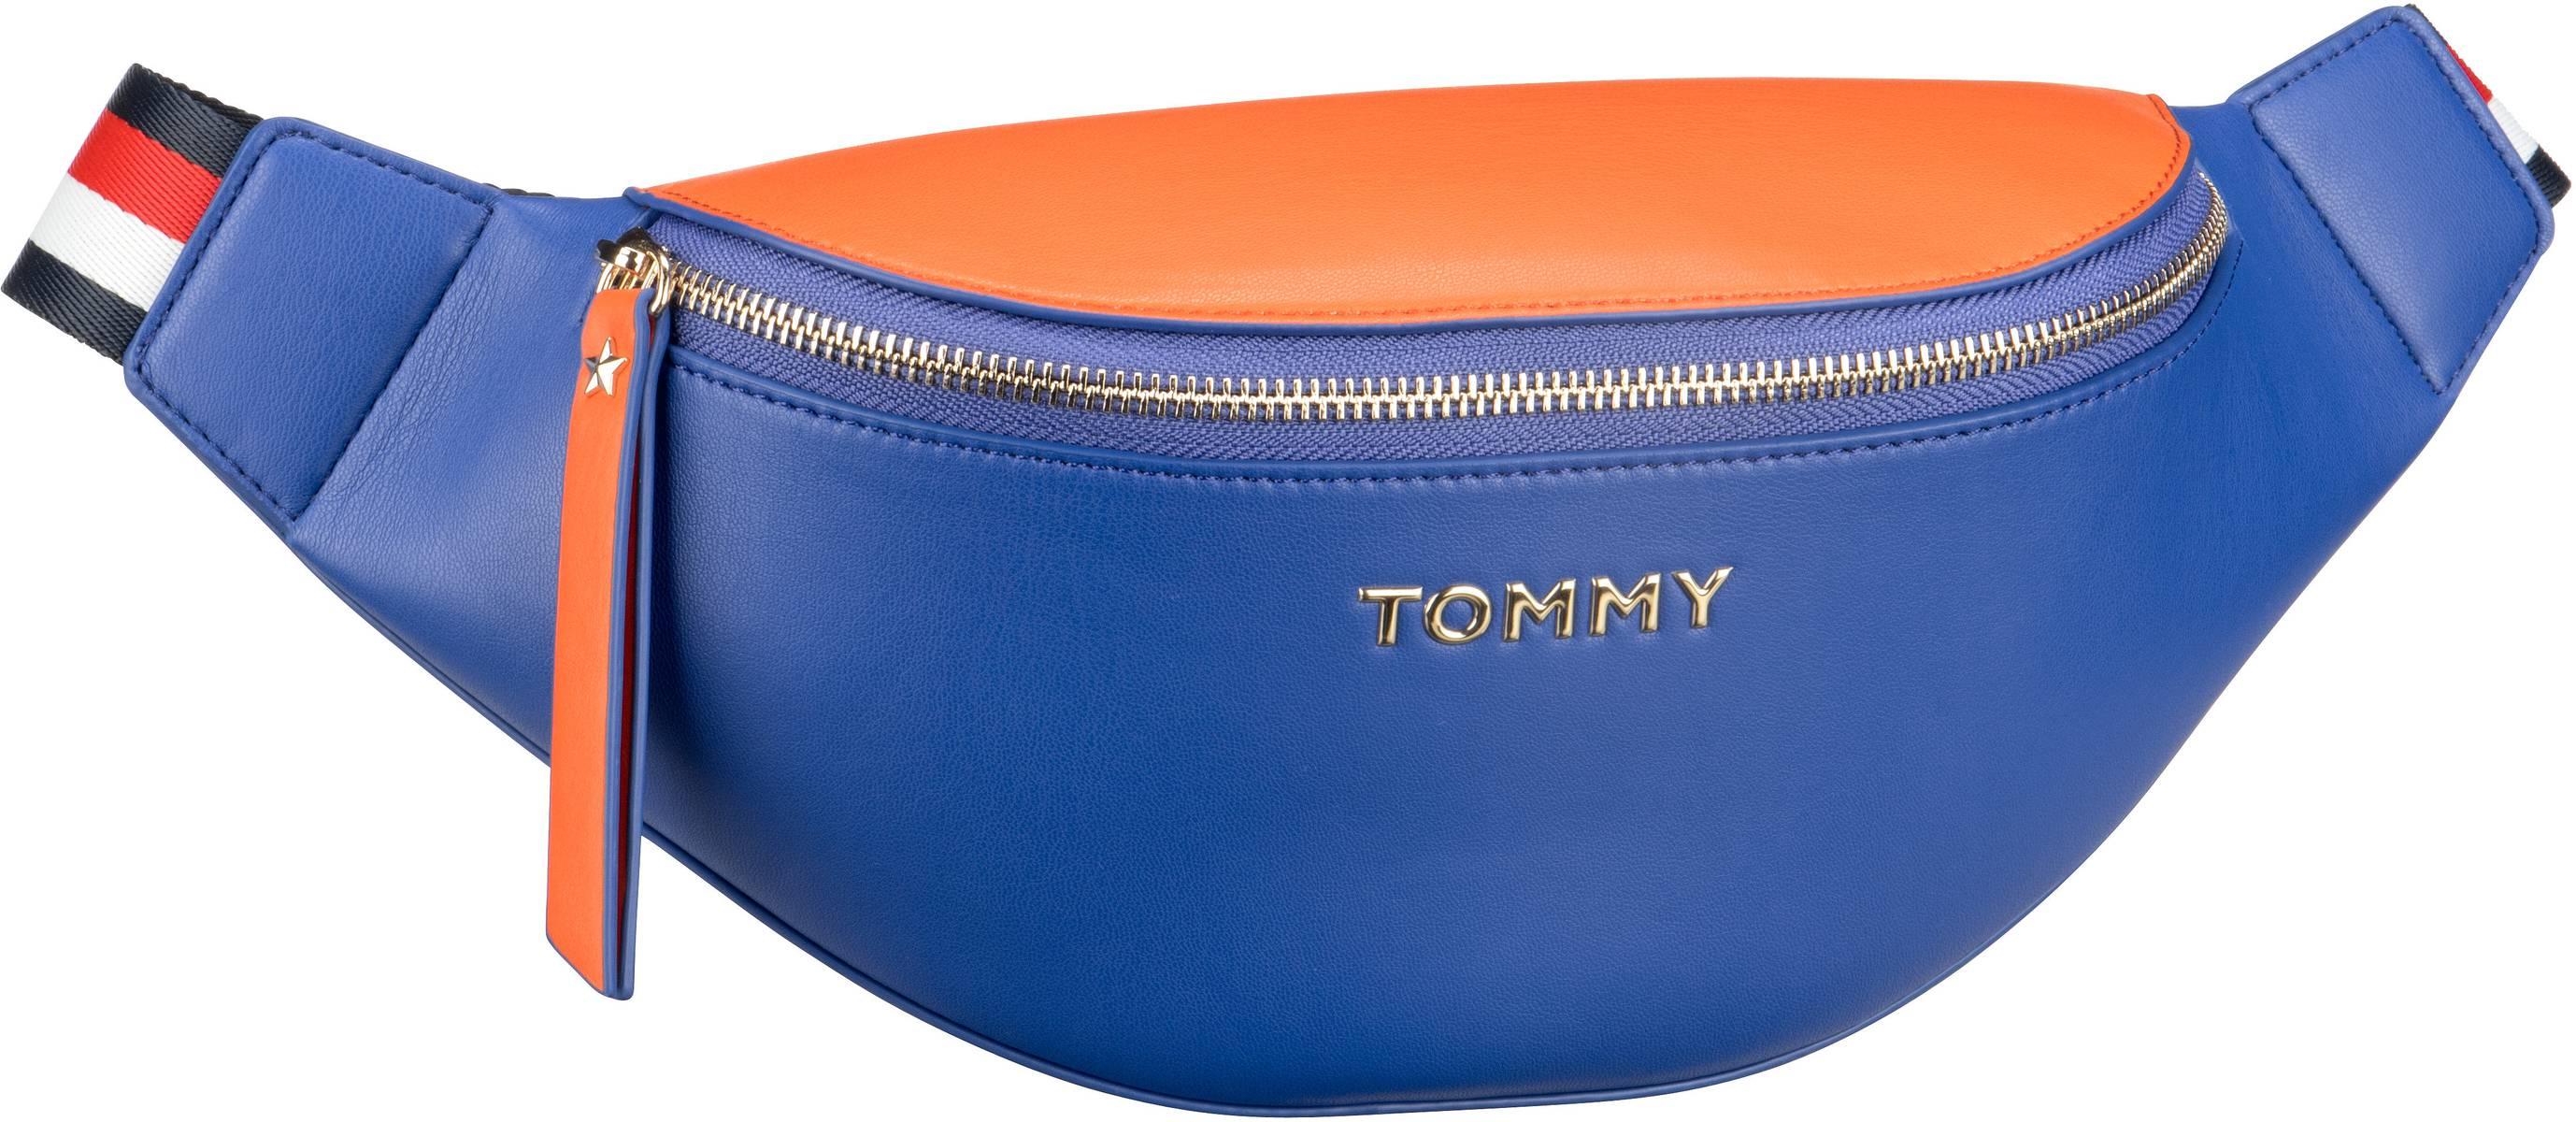 Kleinwaren für Frauen - Tommy Hilfiger Gürteltasche Iconic Tommy Bumbag 7044 Cyber Yellow Warm Sand (innen Orange)  - Onlineshop Taschenkaufhaus